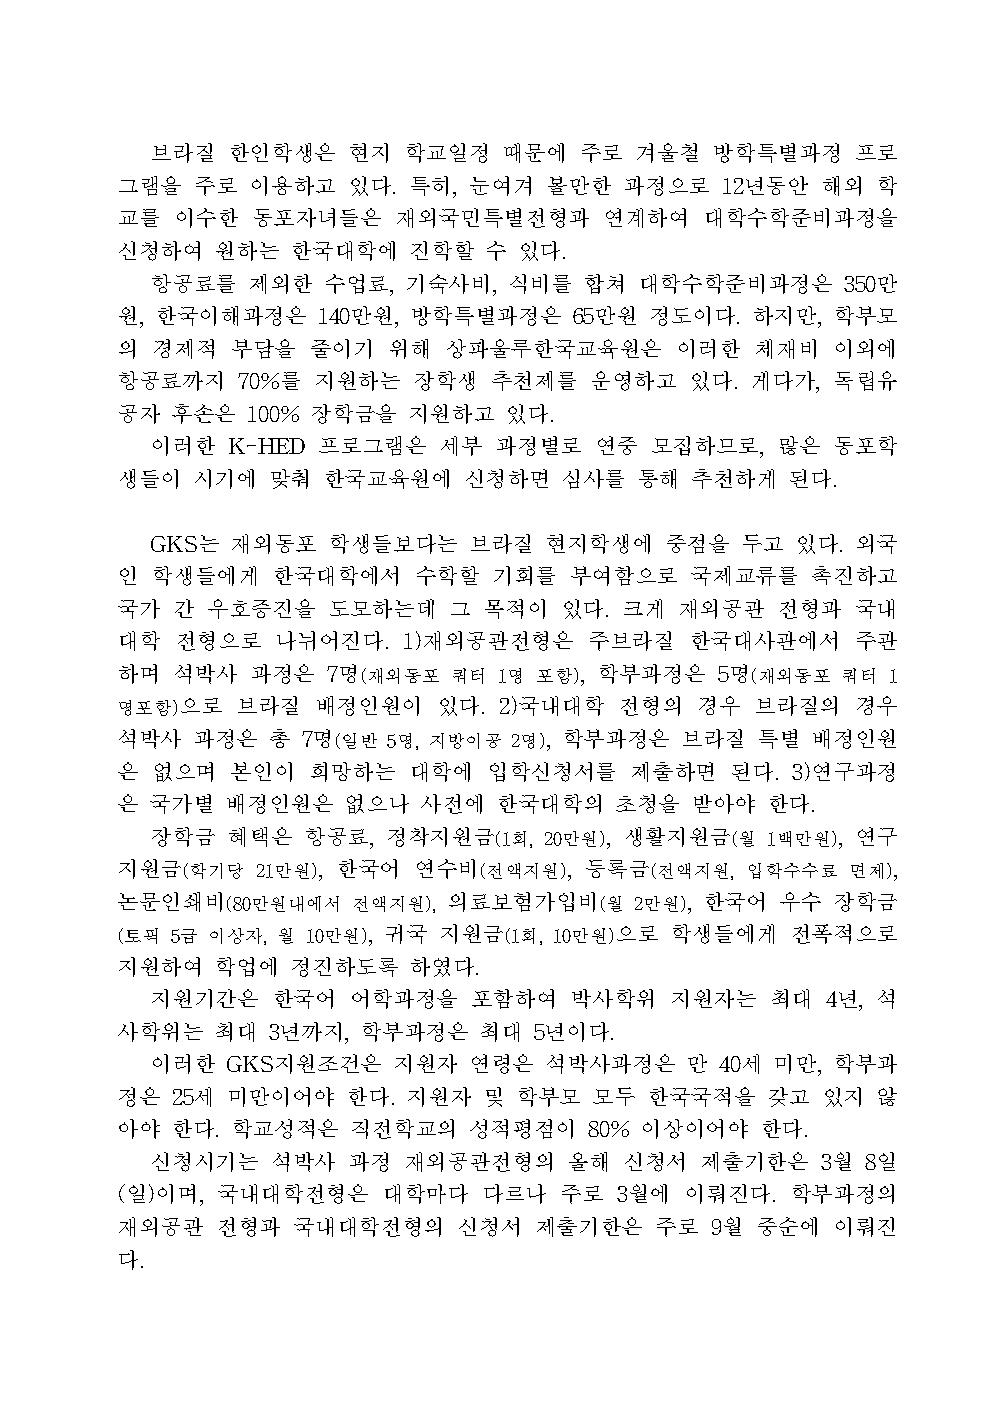 200218 한국정부 다양한 모국방문 및 진학기회 제공002.png